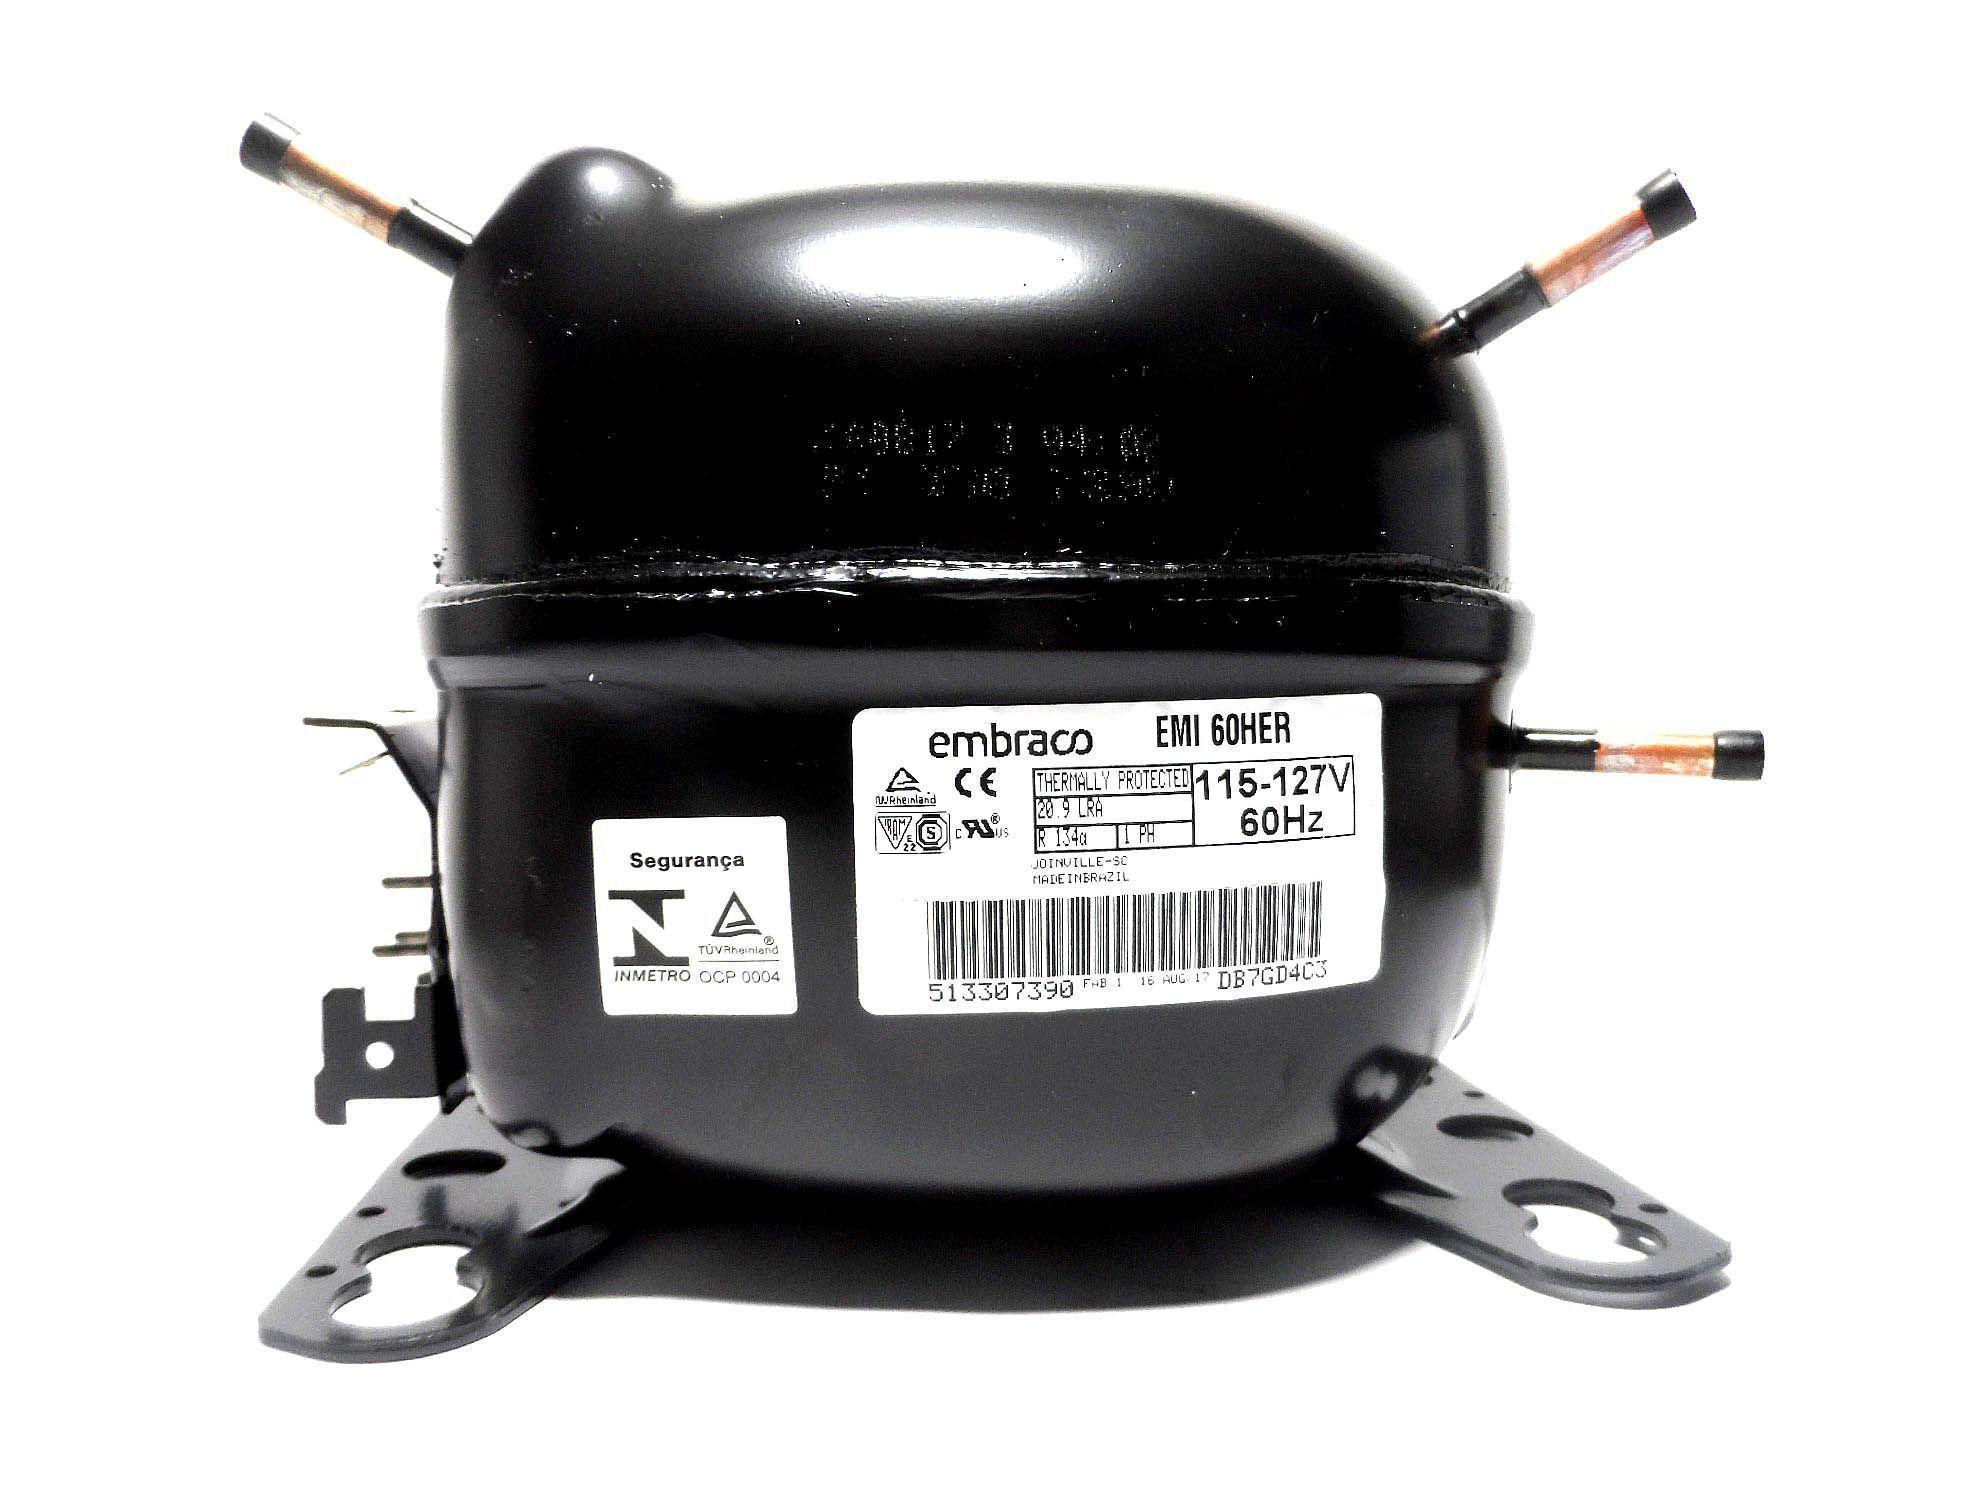 Motor Compressor Embraco 1/6 127V R134A Geladeira EMI60HER W10393808